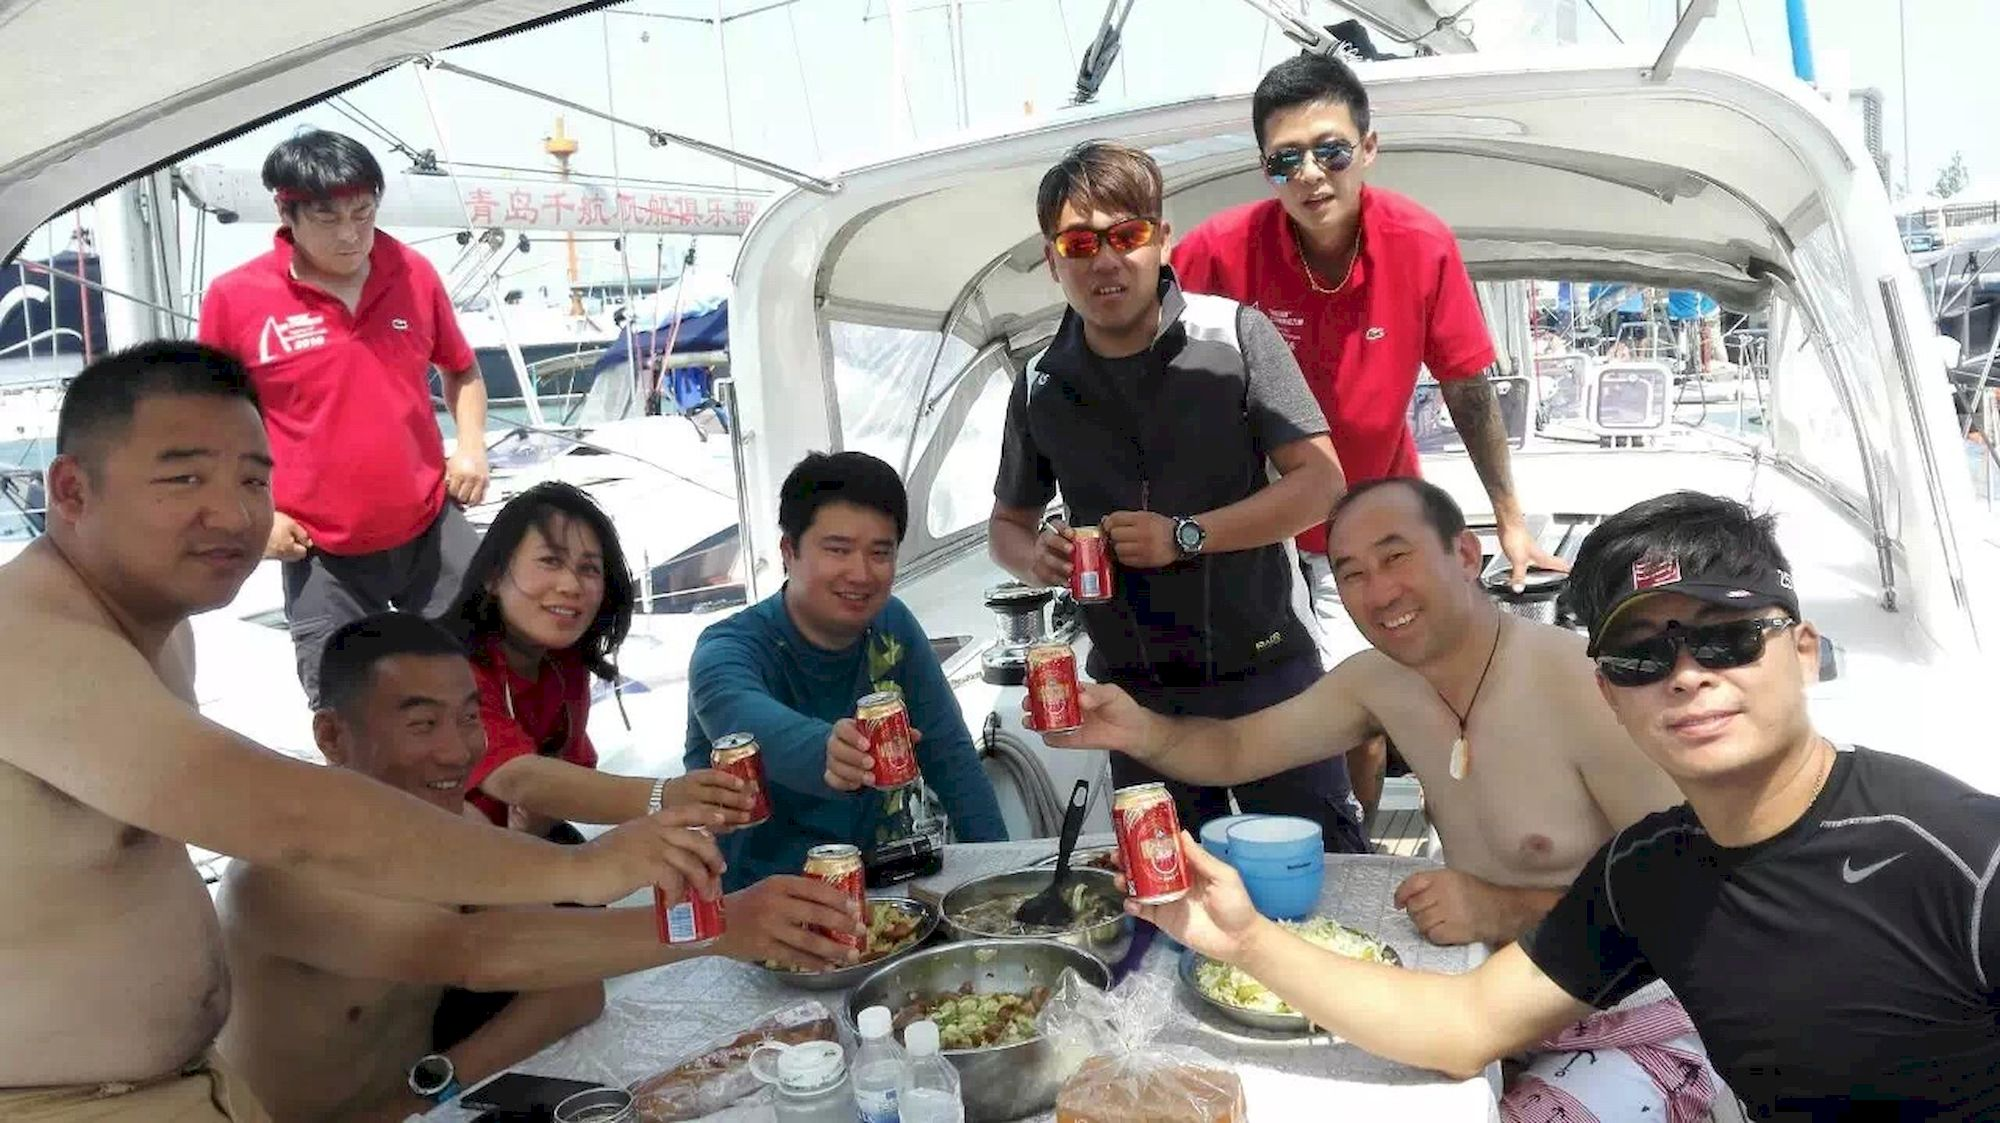 新西兰,跆拳道,俱乐部,拉力赛,青岛 向着太阳升起的地方出发:记第一次跨国远航-千航帆船-51航海网队-2016威海仁川 028-IMG_3335_千帆俱乐部我要航海网帆船队-2016威海-仁川国际帆船赛.JPG